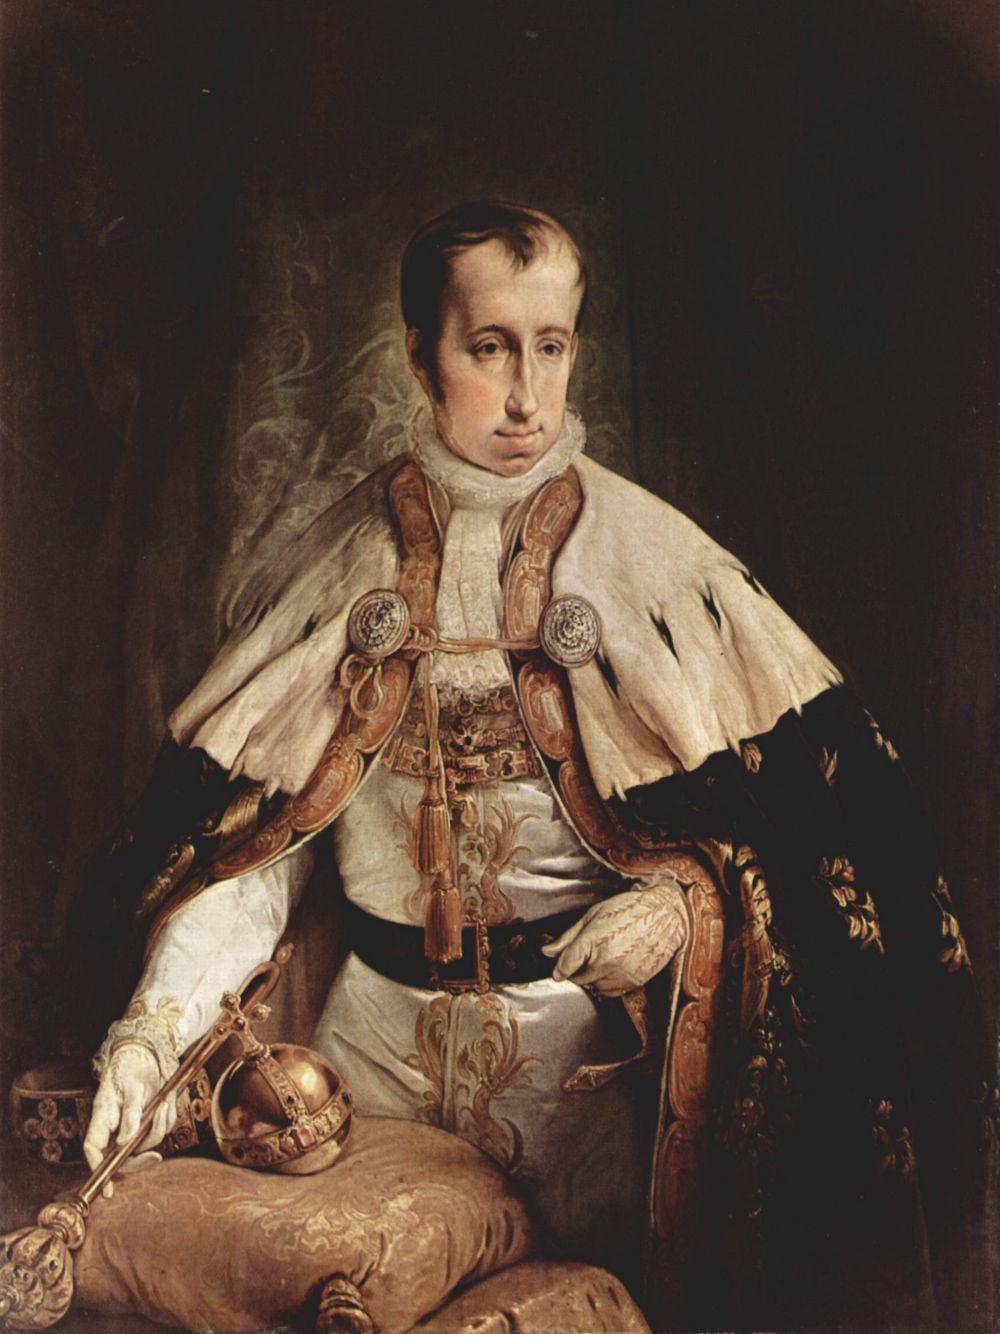 Portrait of Emperor Ferdinand II of Austria